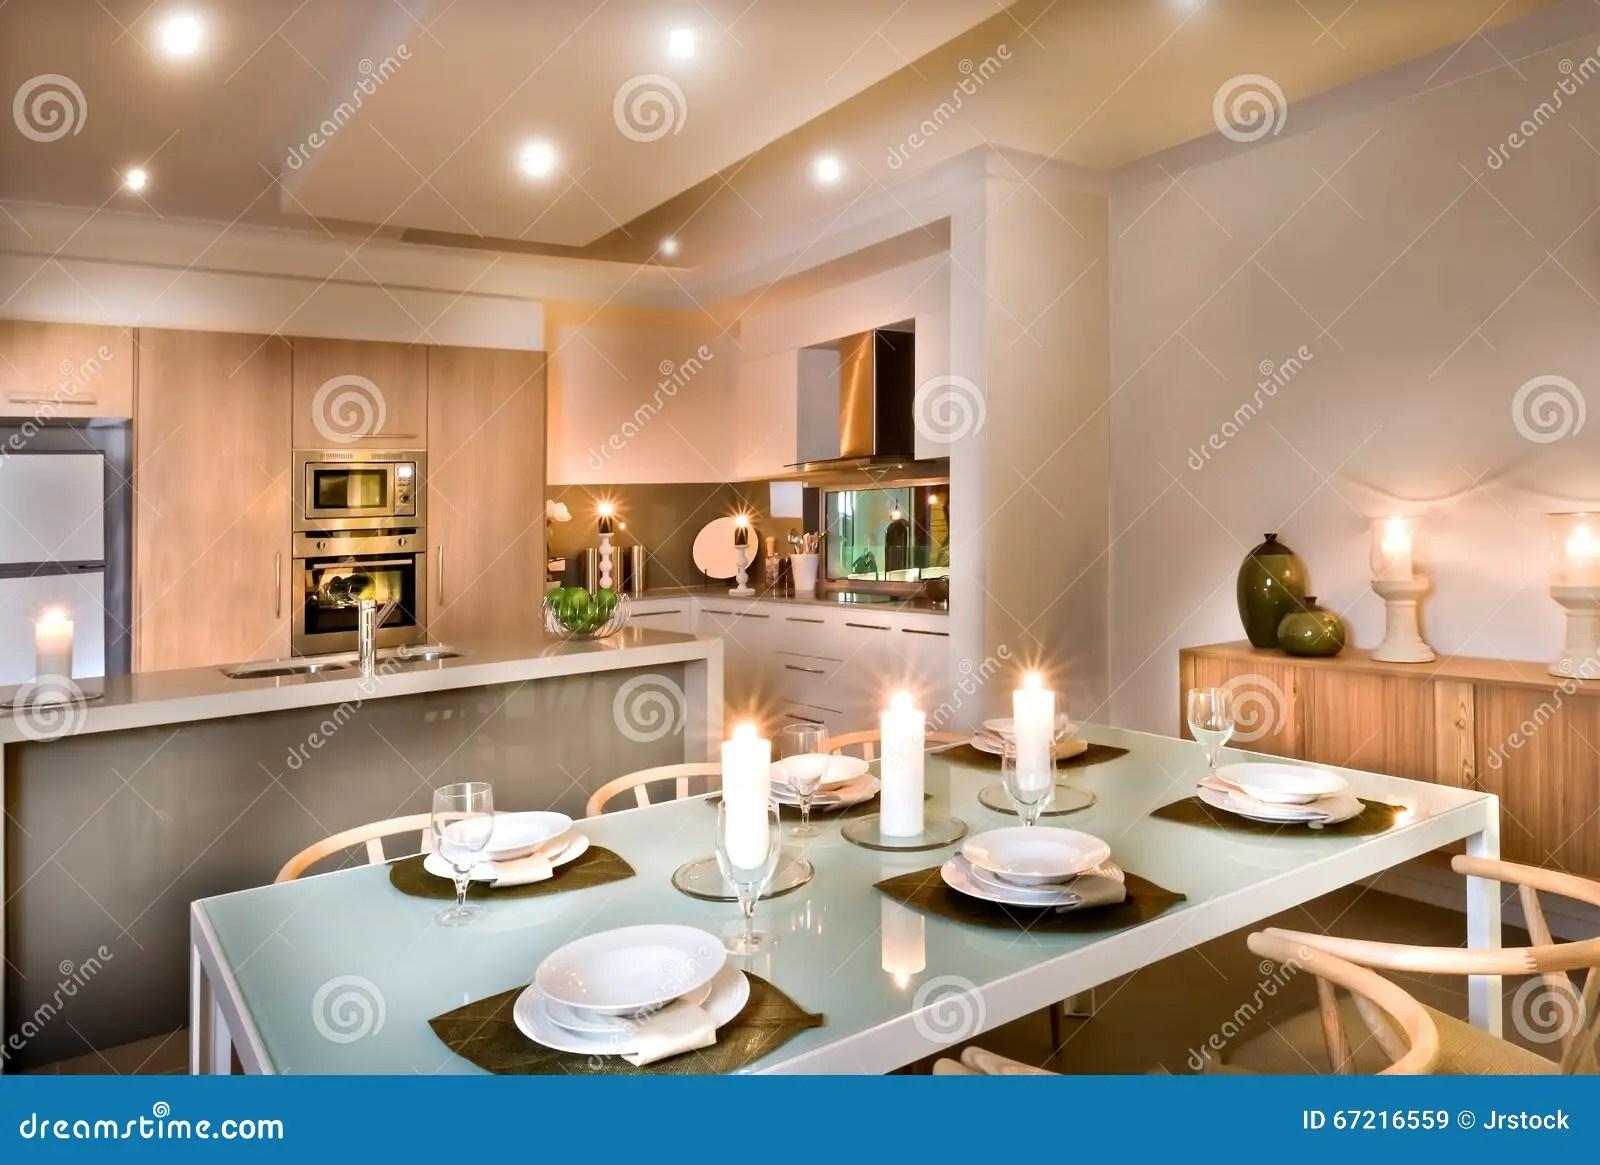 Sala Da Pranzo Moderna E La Cucina Immagine Stock  Immagine di foglio decorazione 67216559